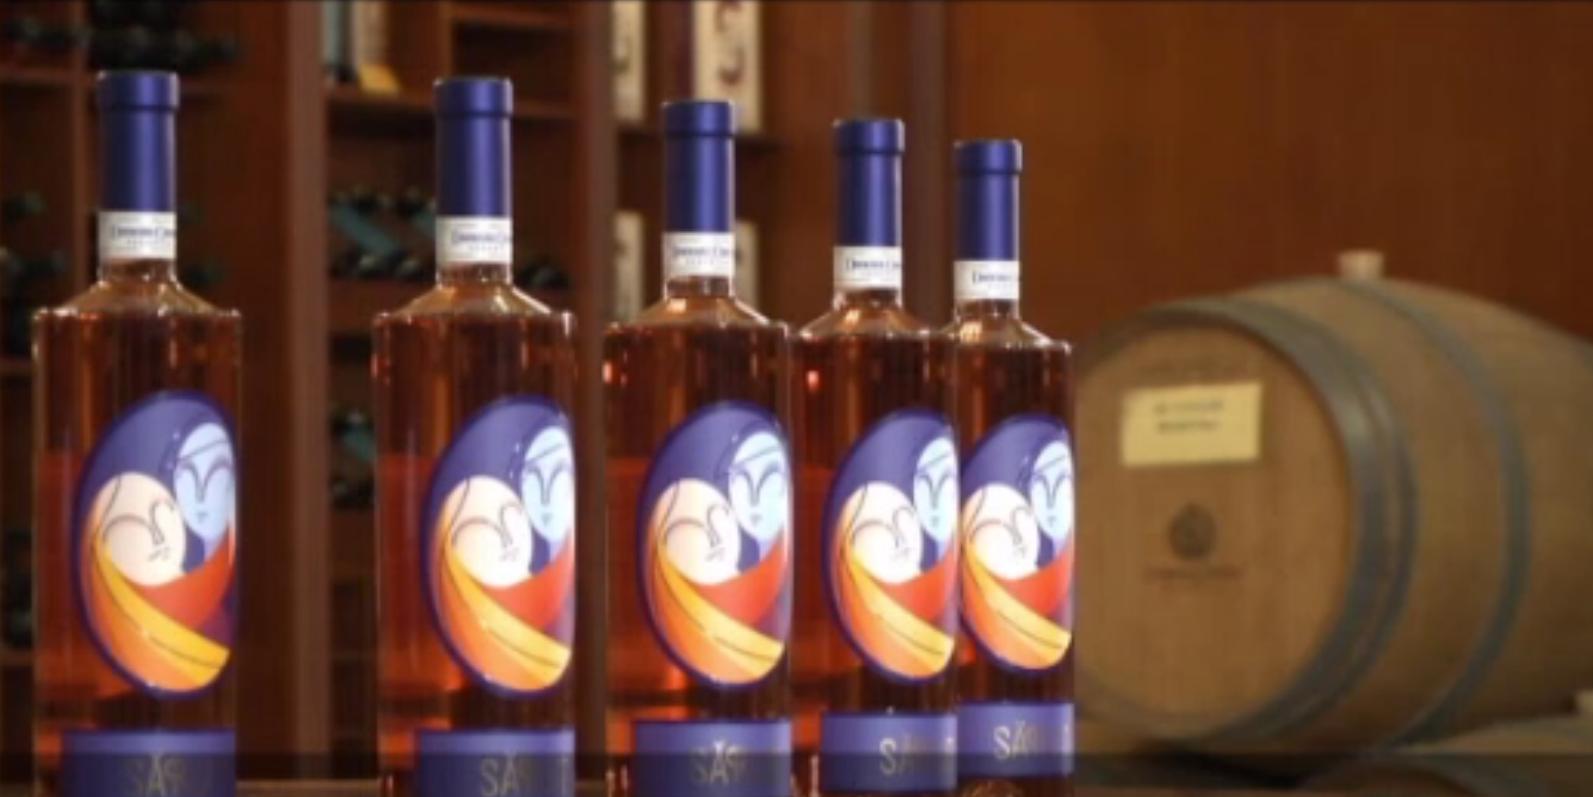 (P) Vinul SĂRUT, un omagiu adus lui Brâncuși